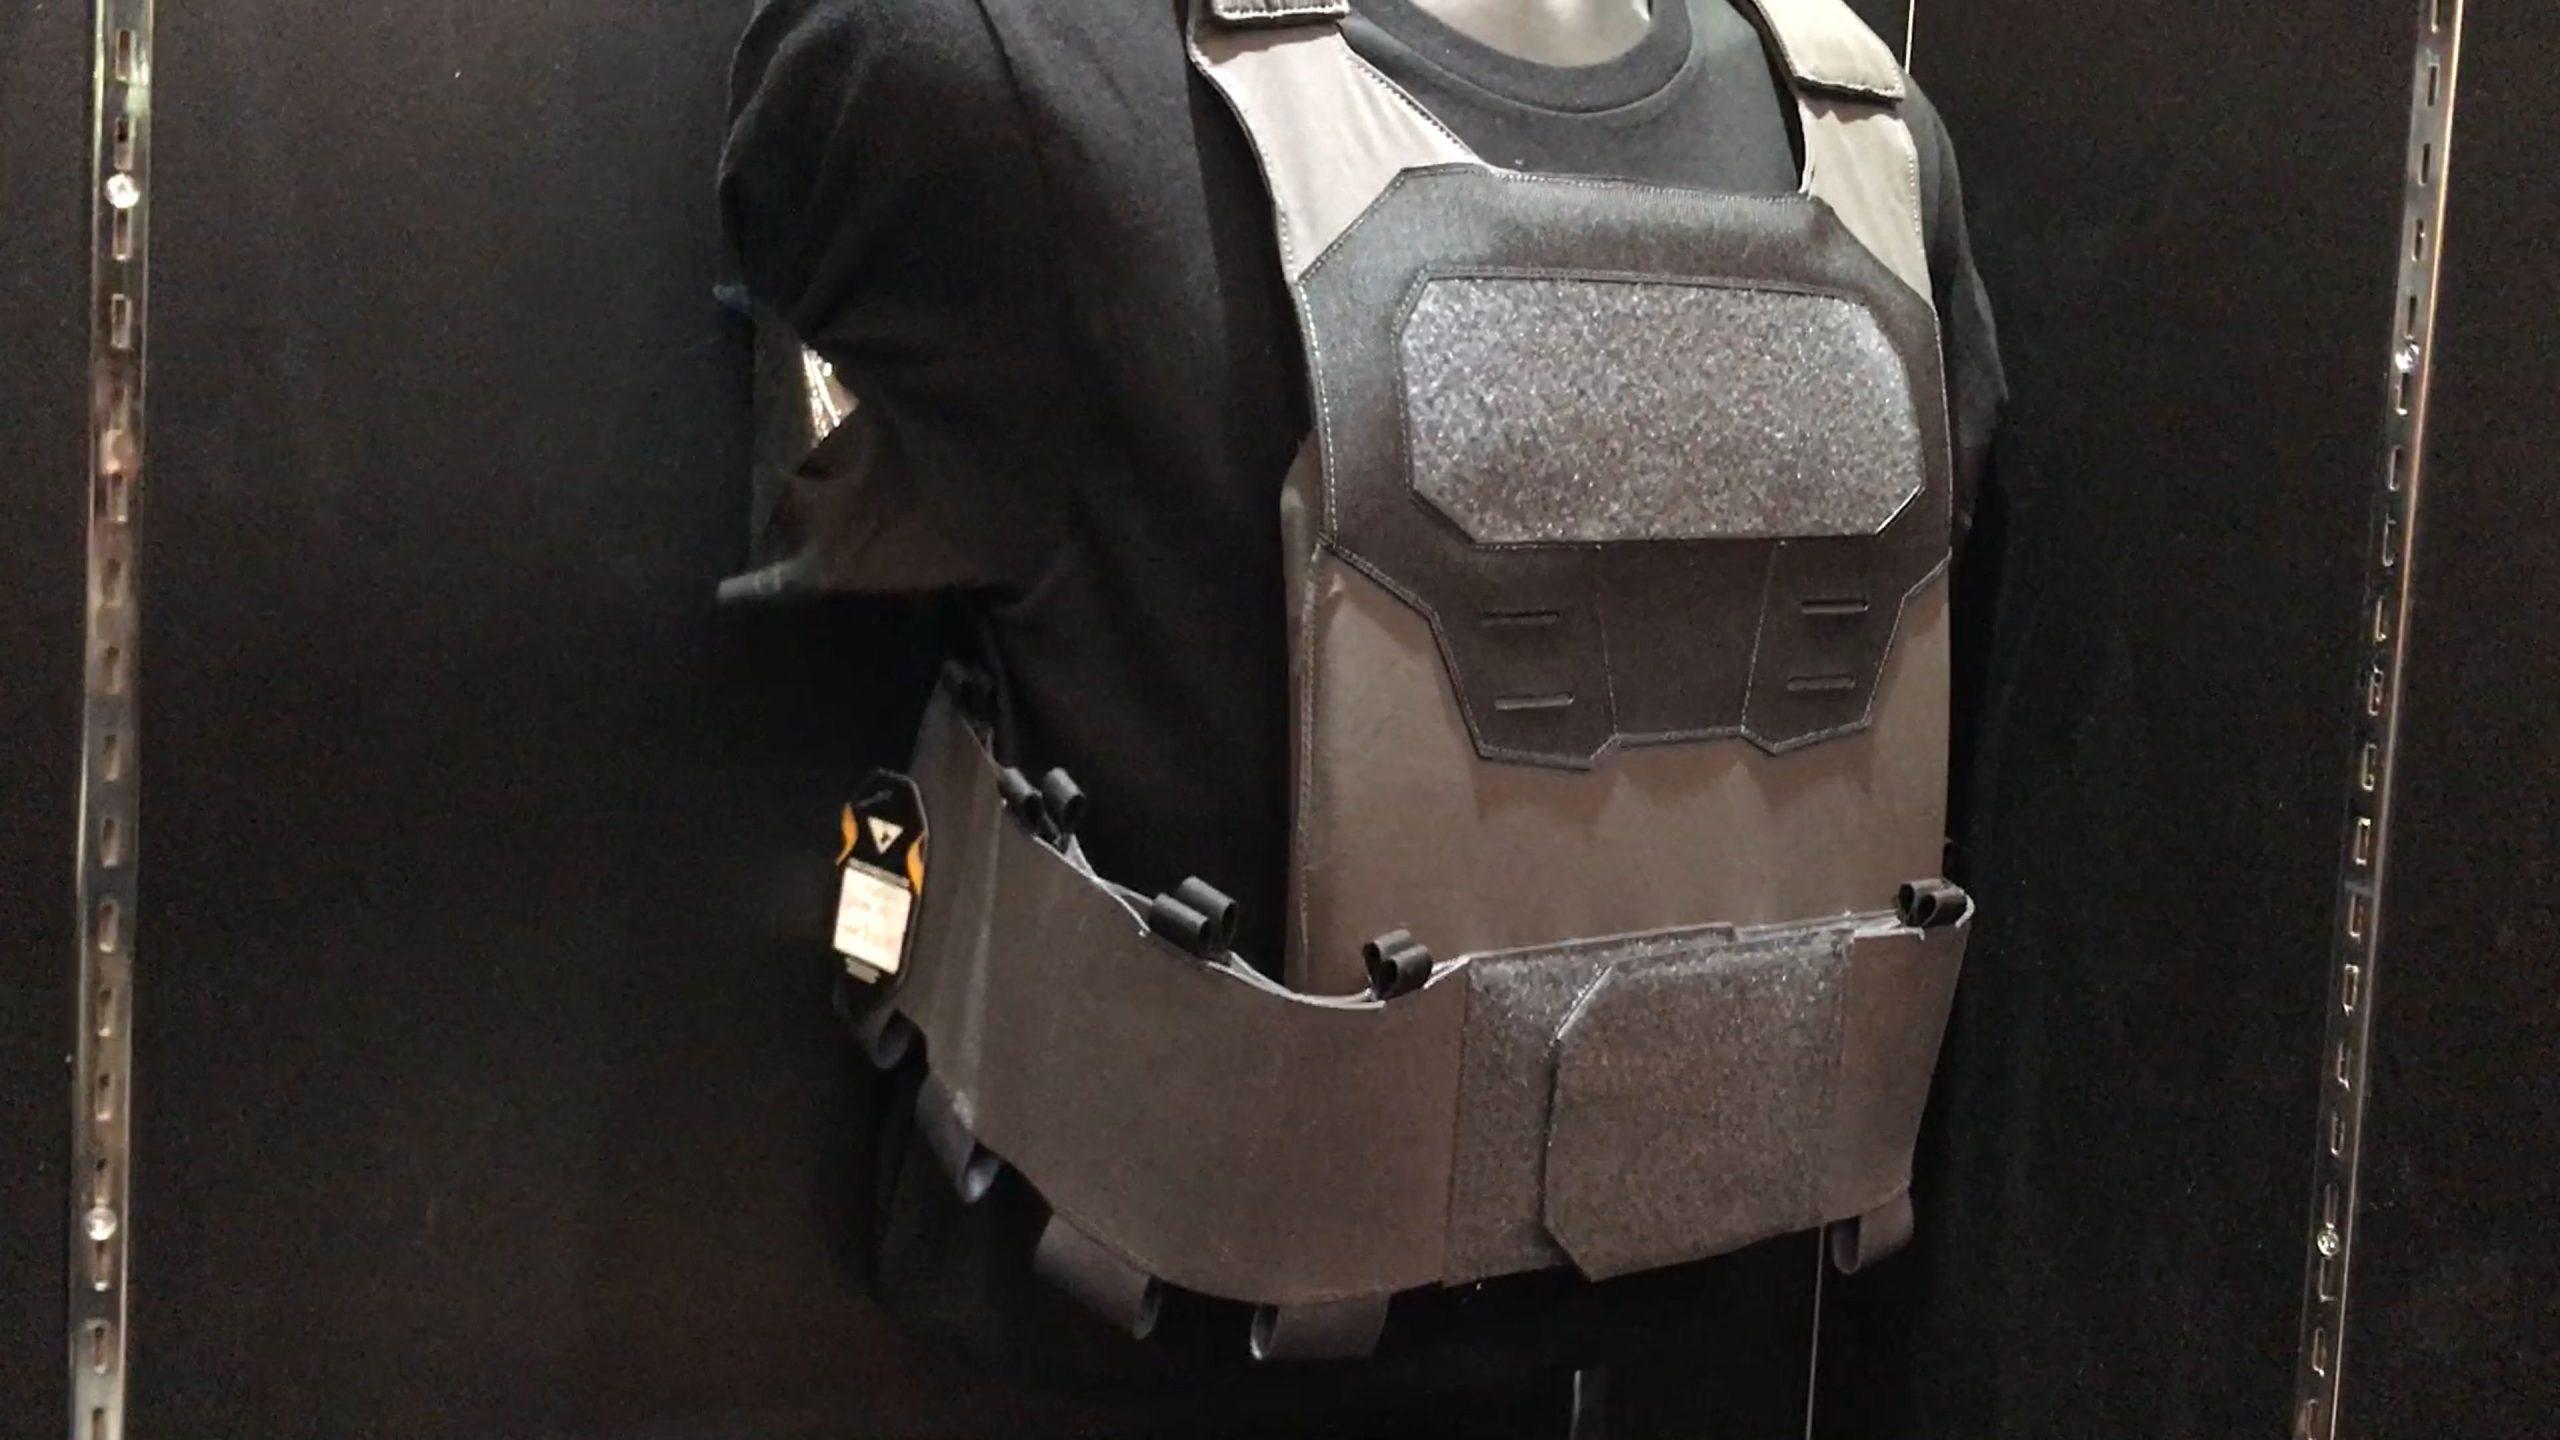 Condor Elite Spectre (o Spectre) PC Ultraligero, minimalista 'Ocultable' Tactical Armor Plate Carrier / Vest (Body Armor)